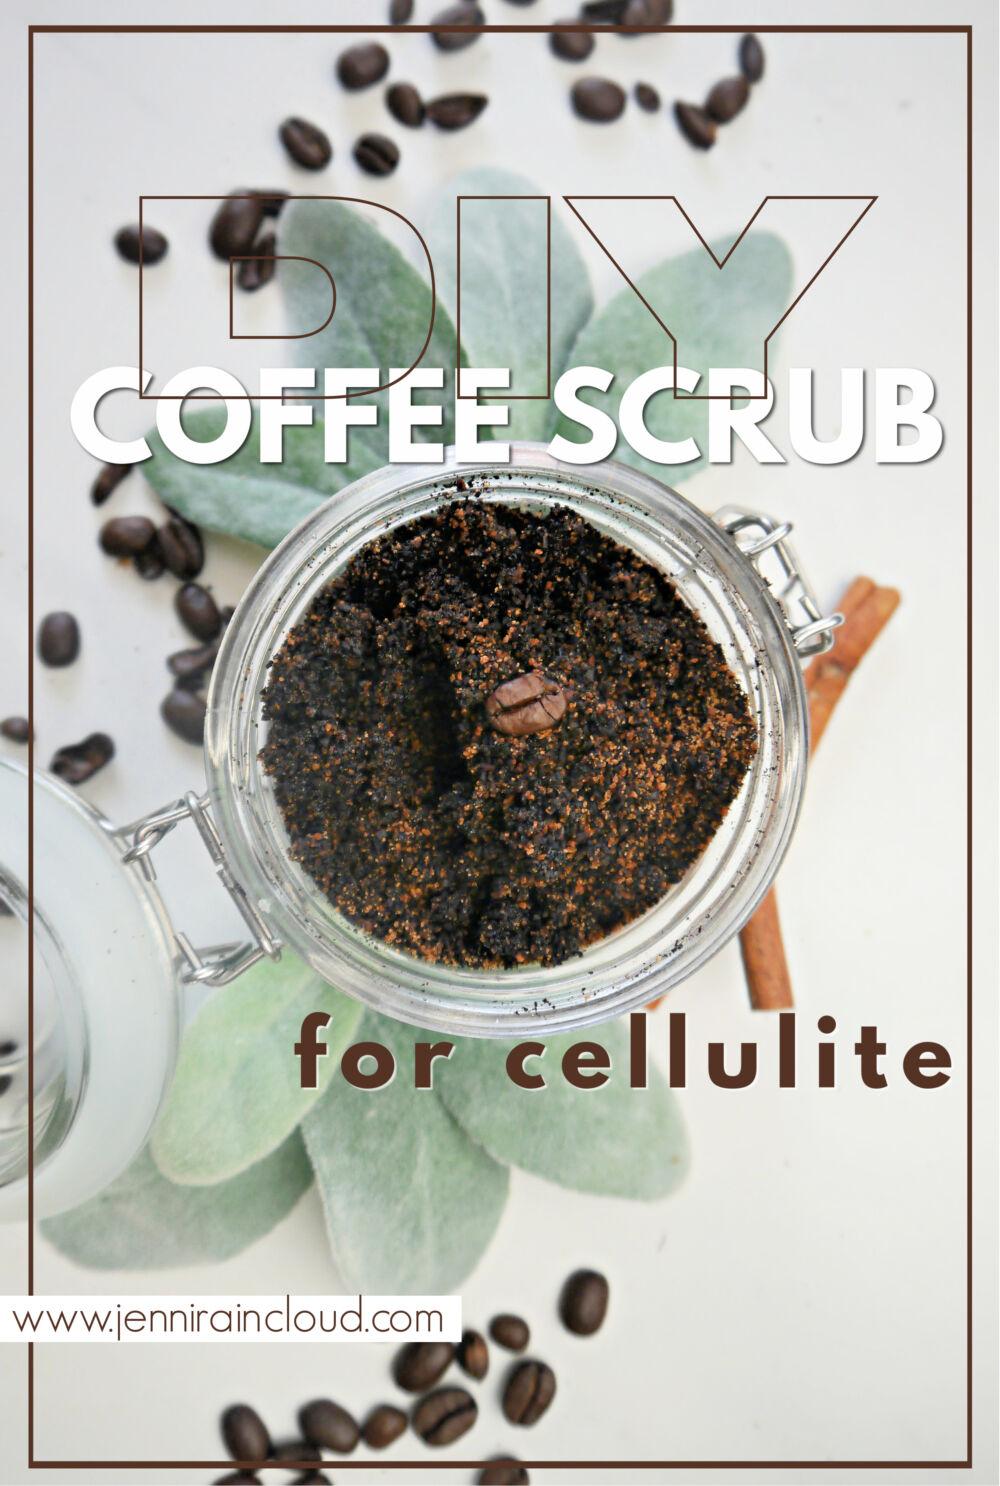 DIY coffee Scrub for cellulite